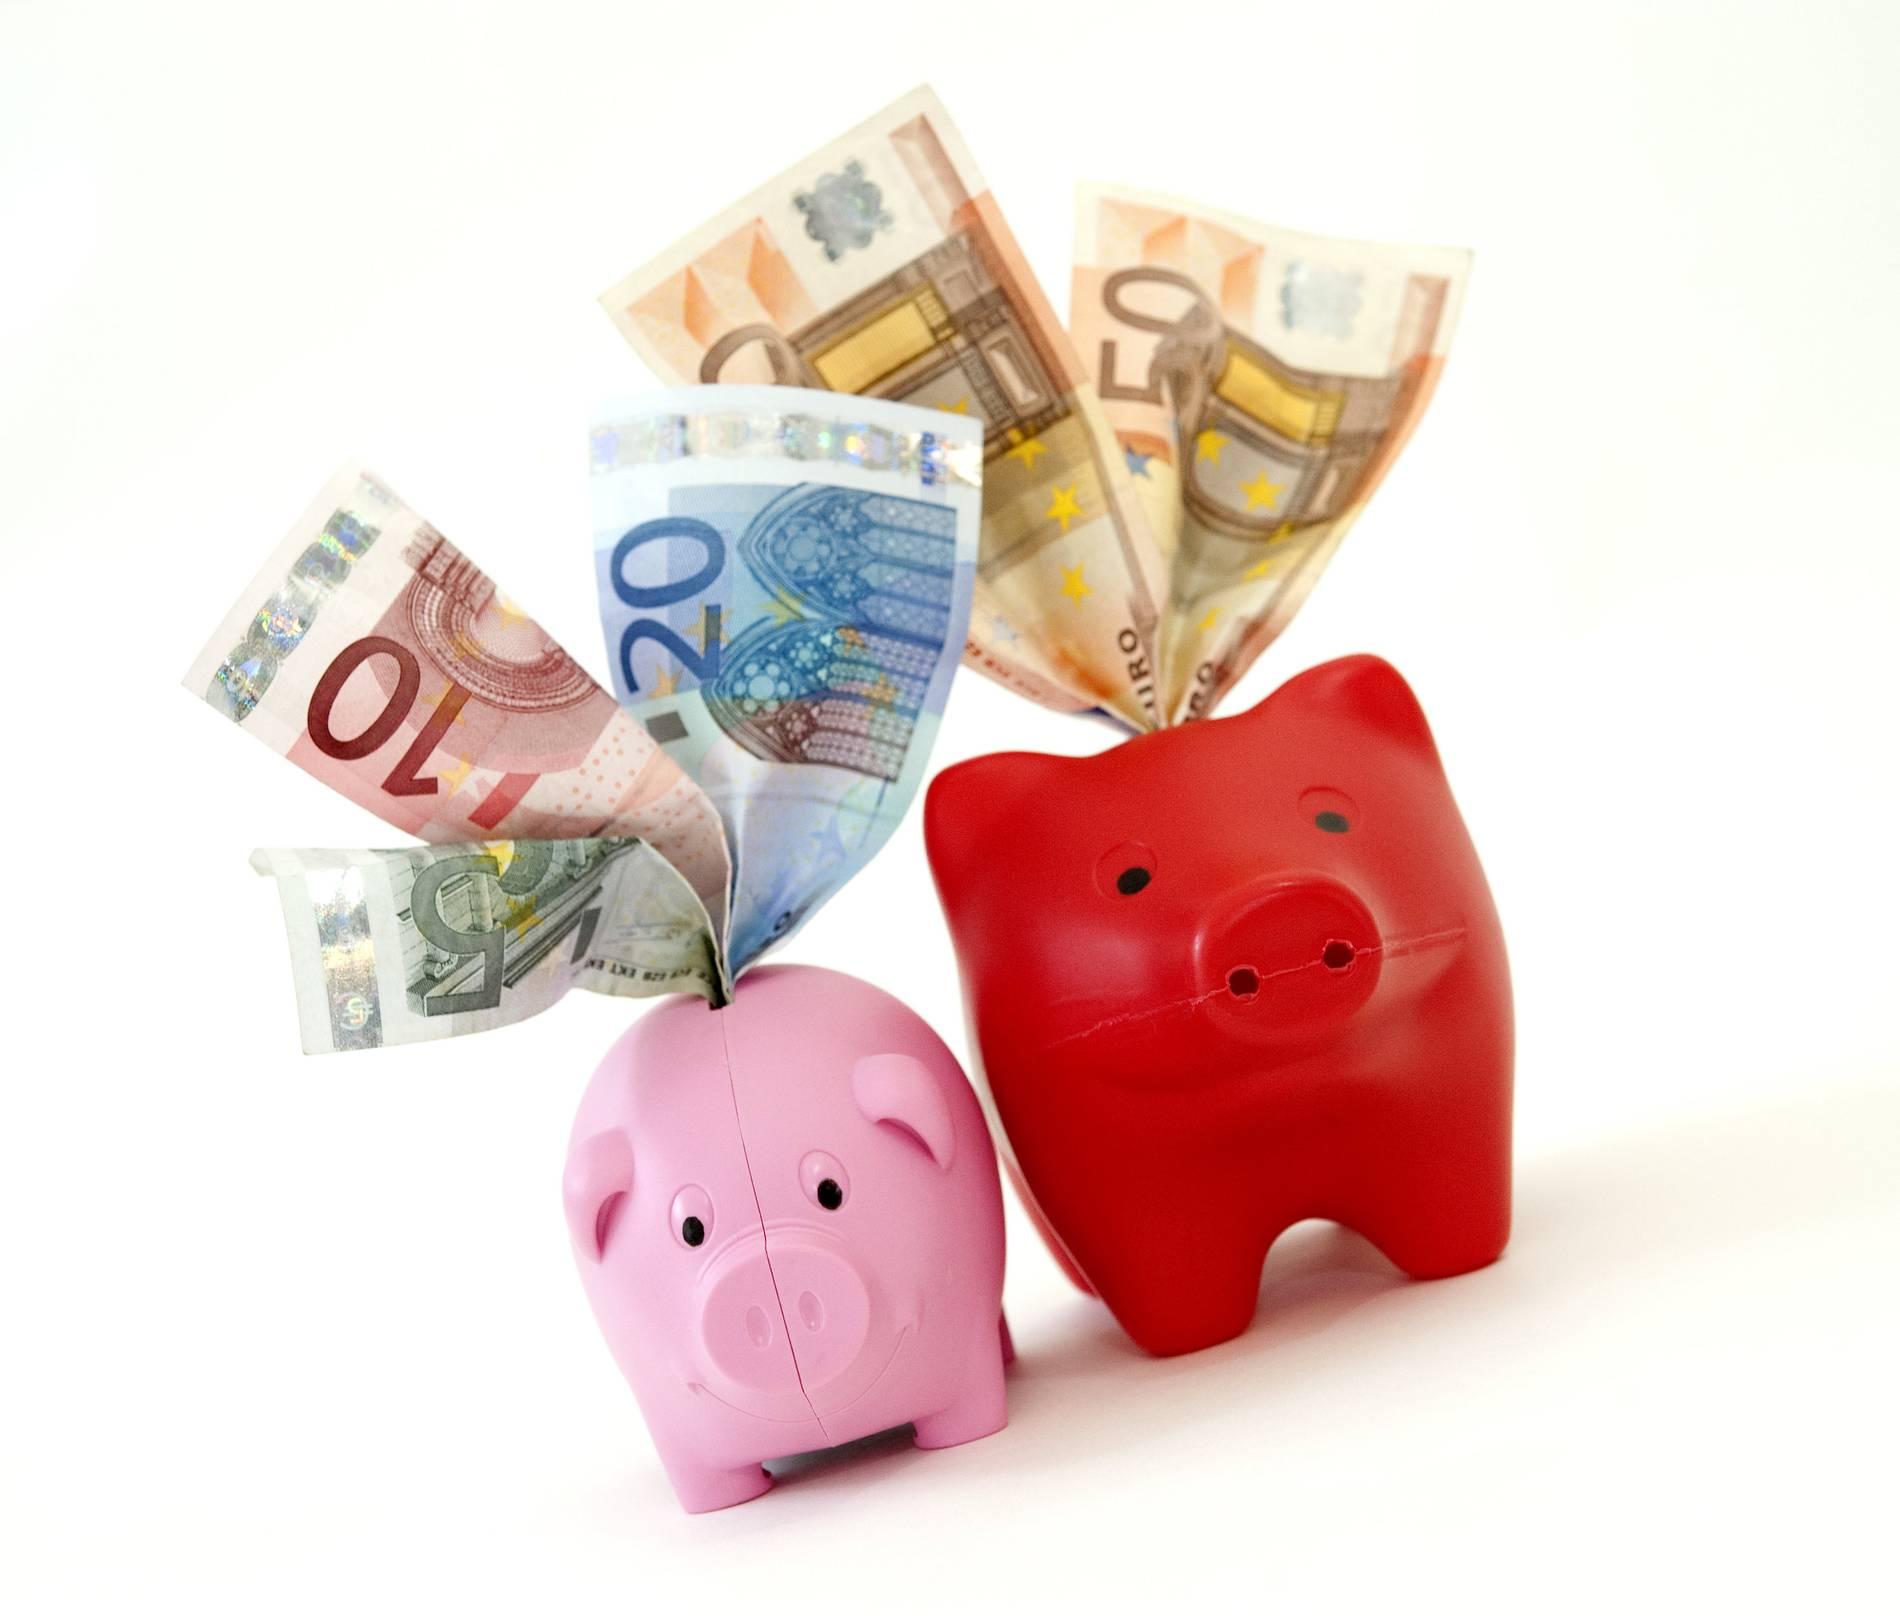 Sparkasse vor Gericht: Werden die Zusatzgebühren beim Abheben gekippt?